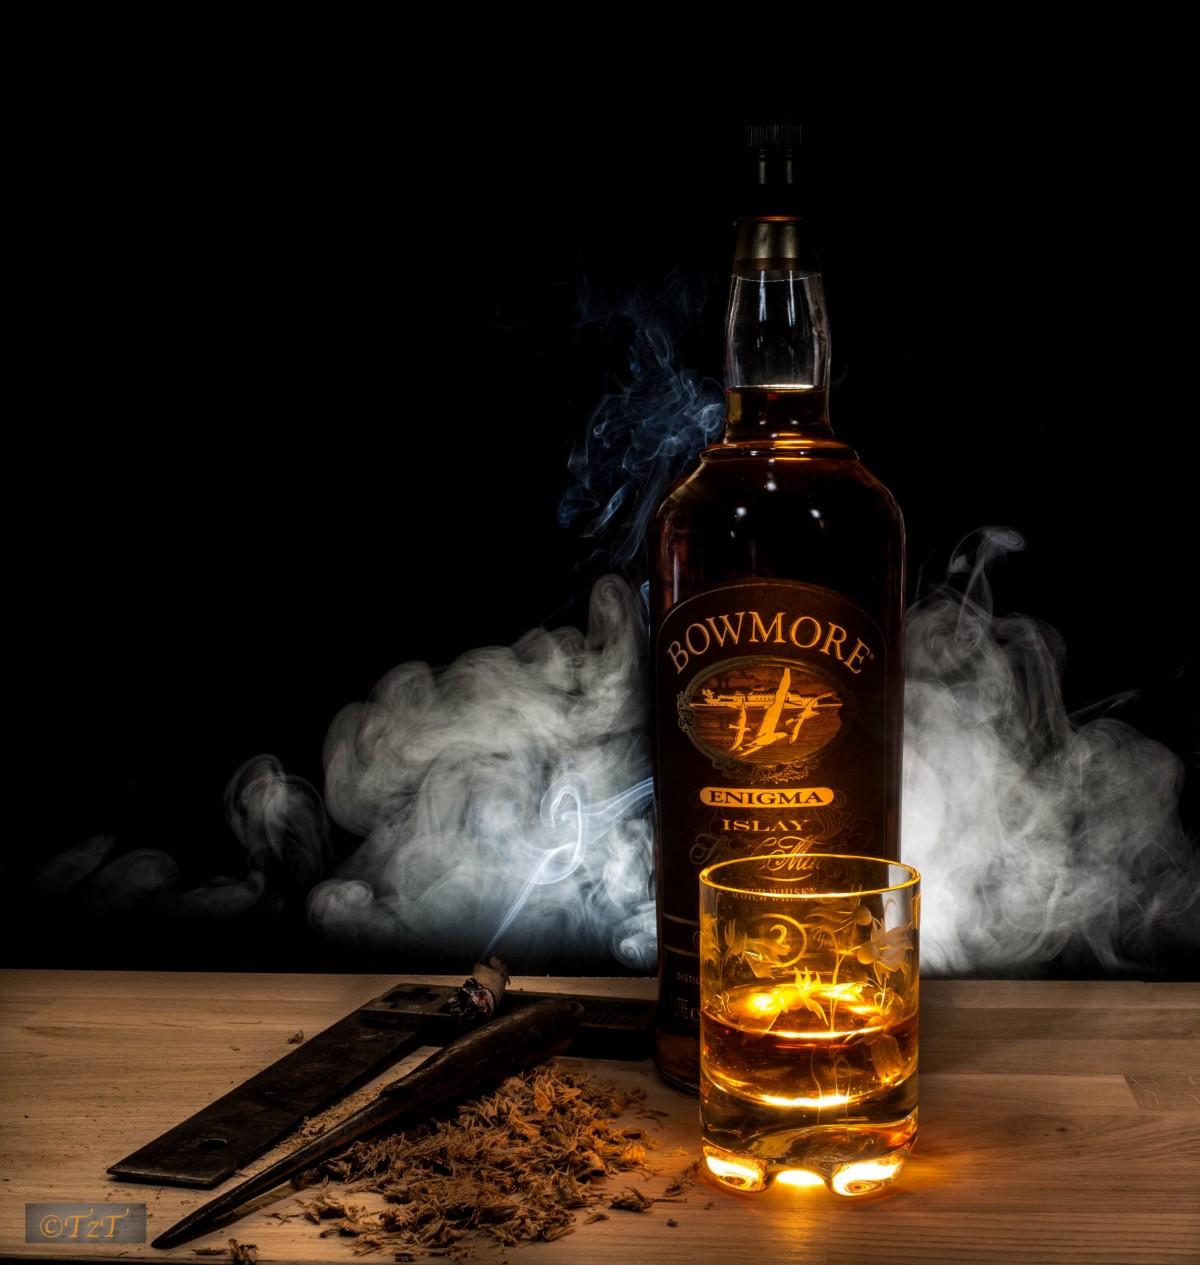 фото великой виски считается одним старейших